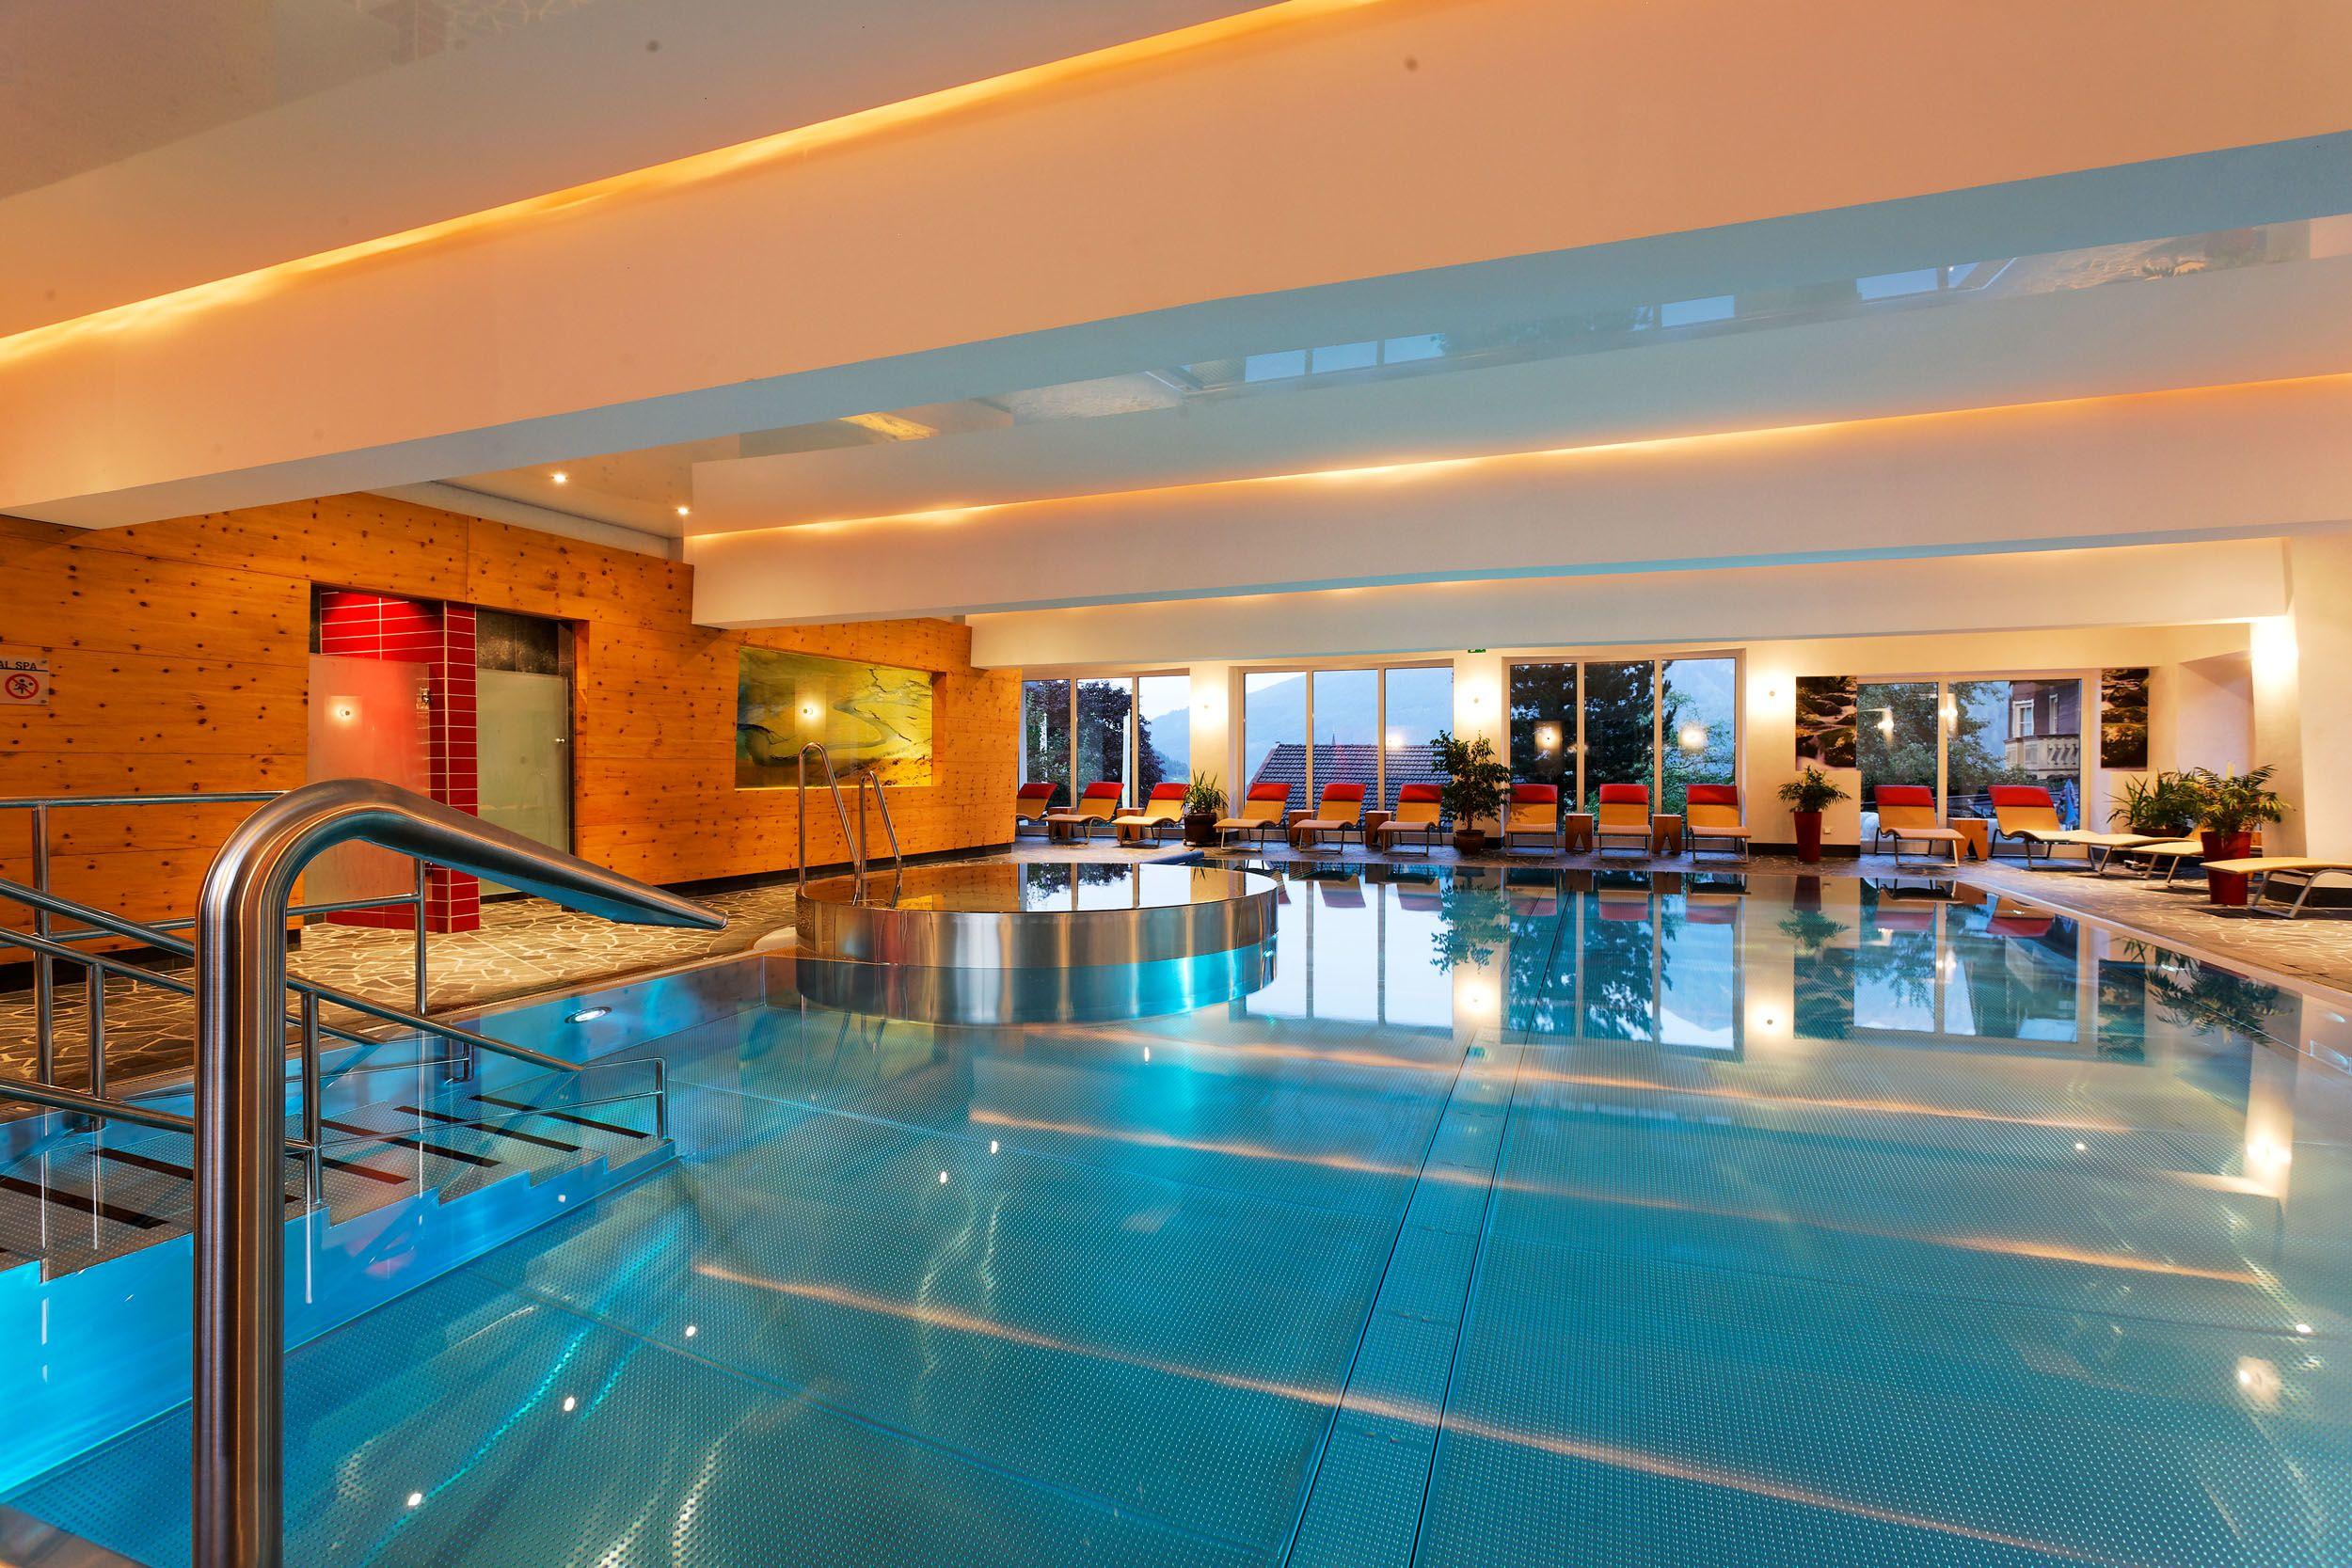 Pool im Innenbereich des Wanderhotel gassmer